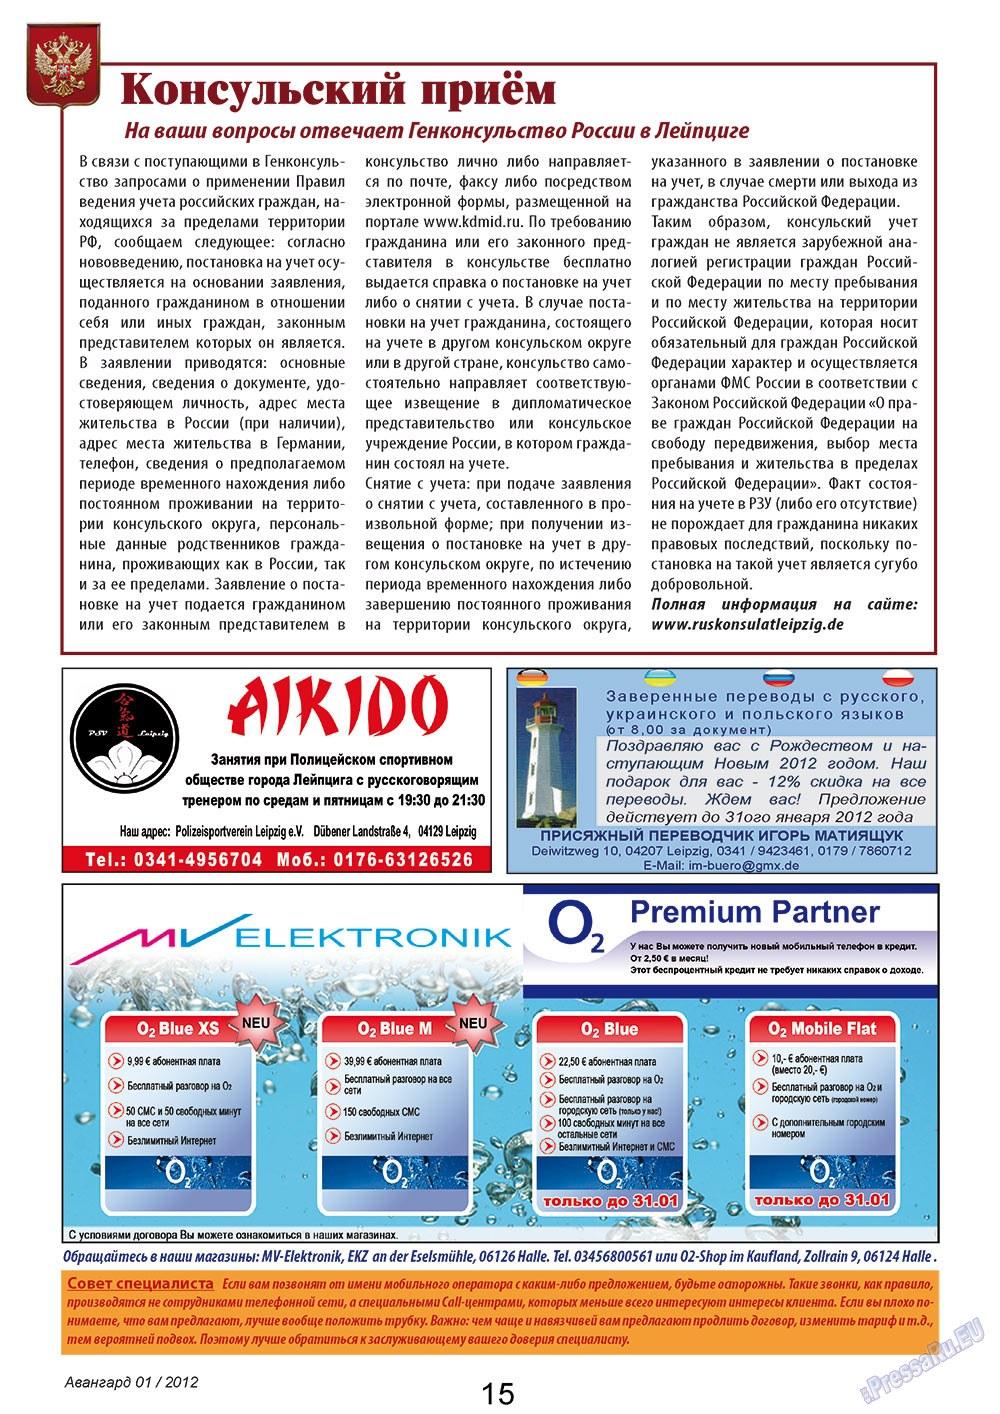 Авангард (журнал). 2012 год, номер 1, стр. 15